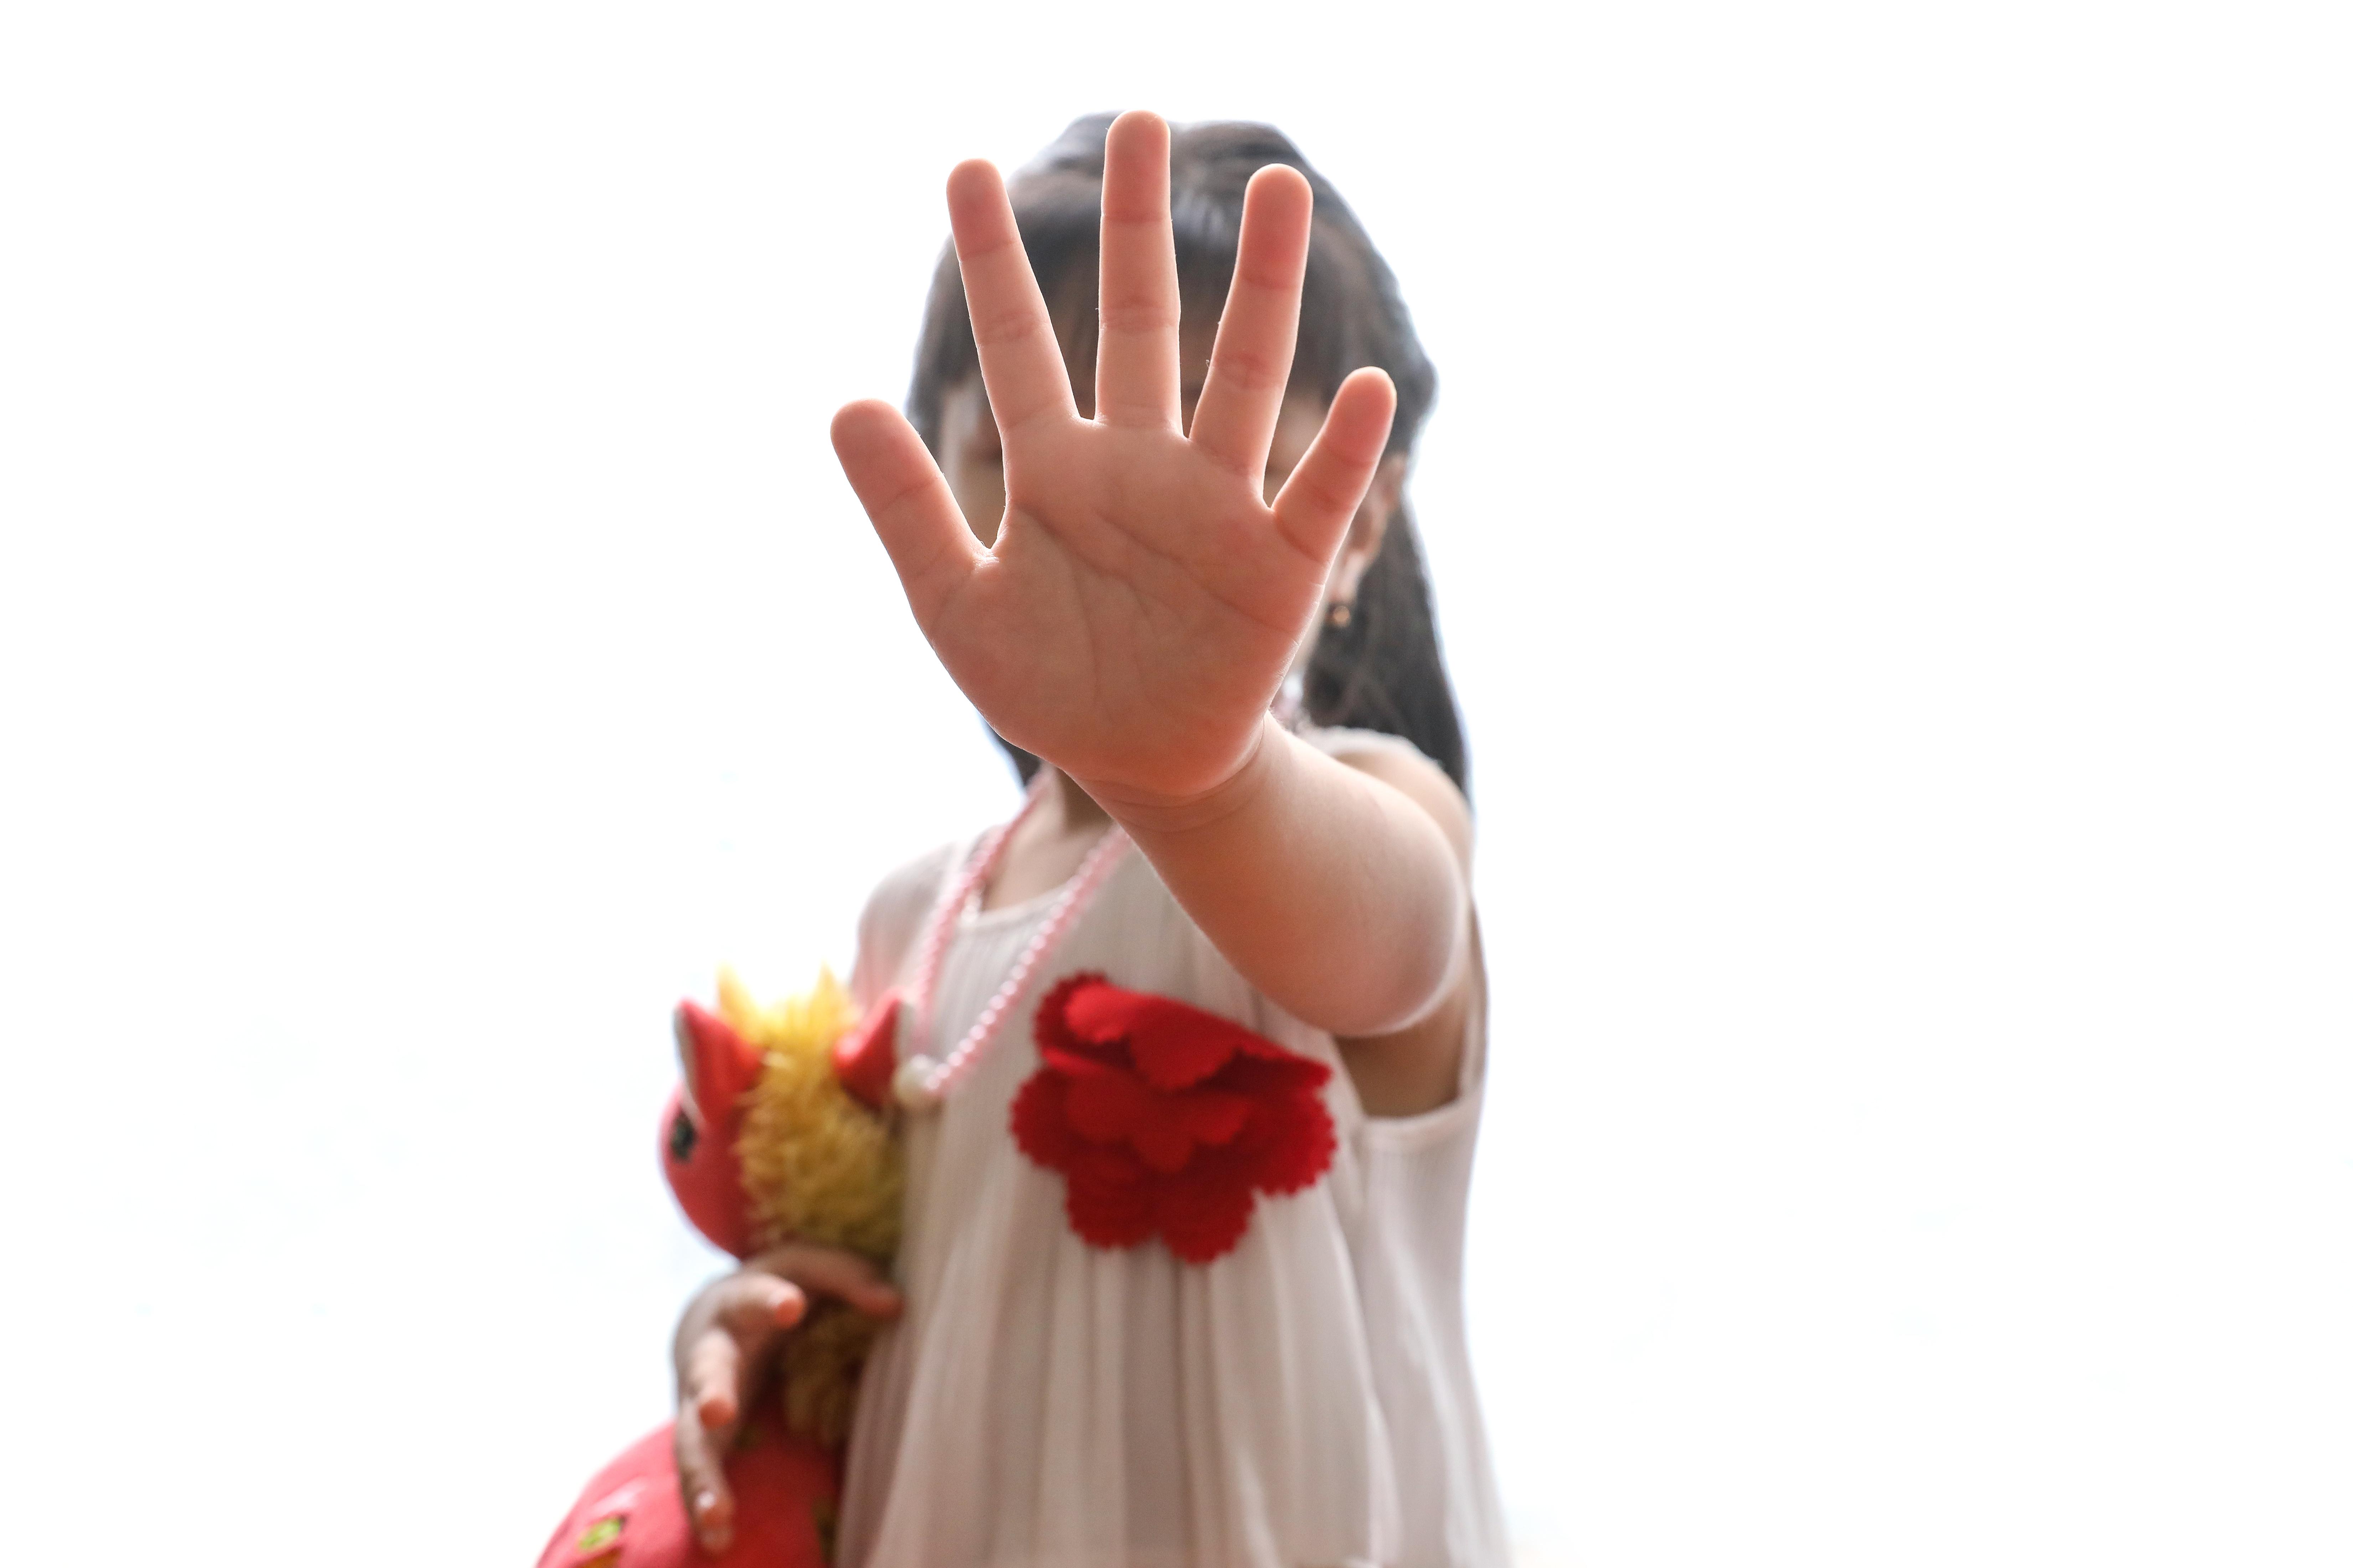 Không chỉ bảo vệ, người lớn cần phải dạy cho trẻ kỹ năng để biết tự bảo vệ mình. Ảnh: Quang Vinh.